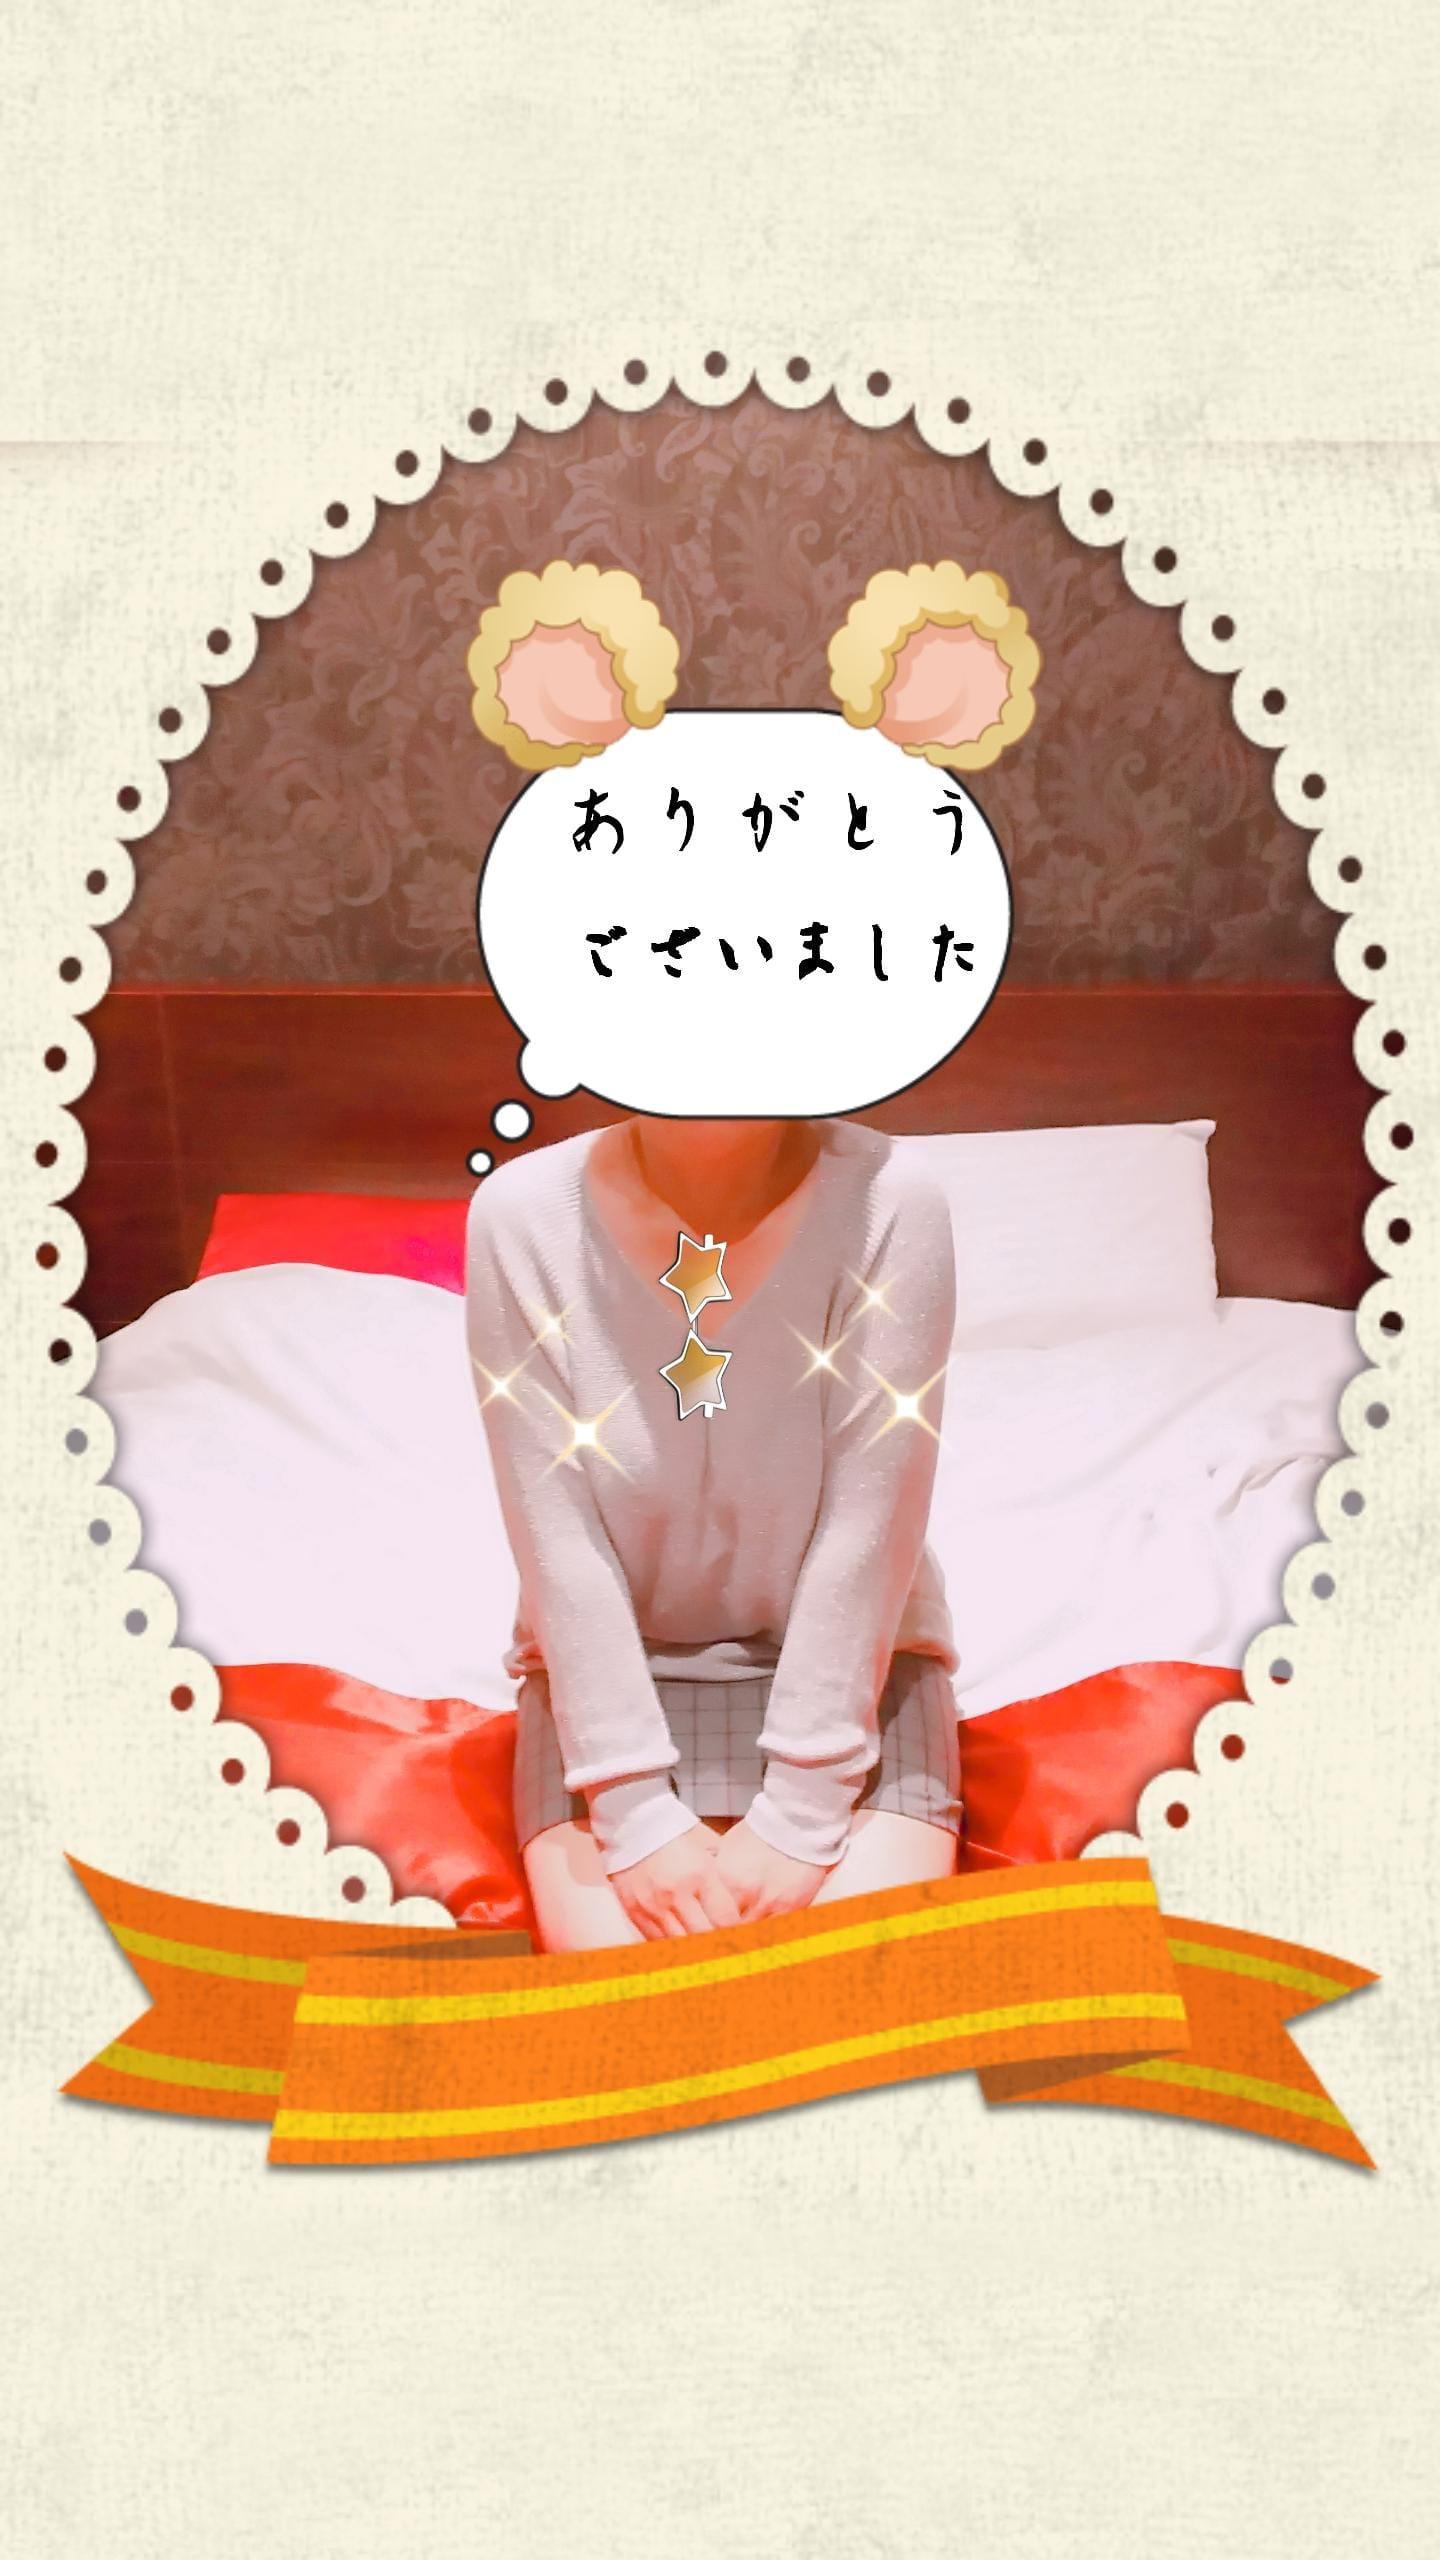 大林亜希子「動画撮影」10/11(木) 23:40 | 大林亜希子の写メ・風俗動画